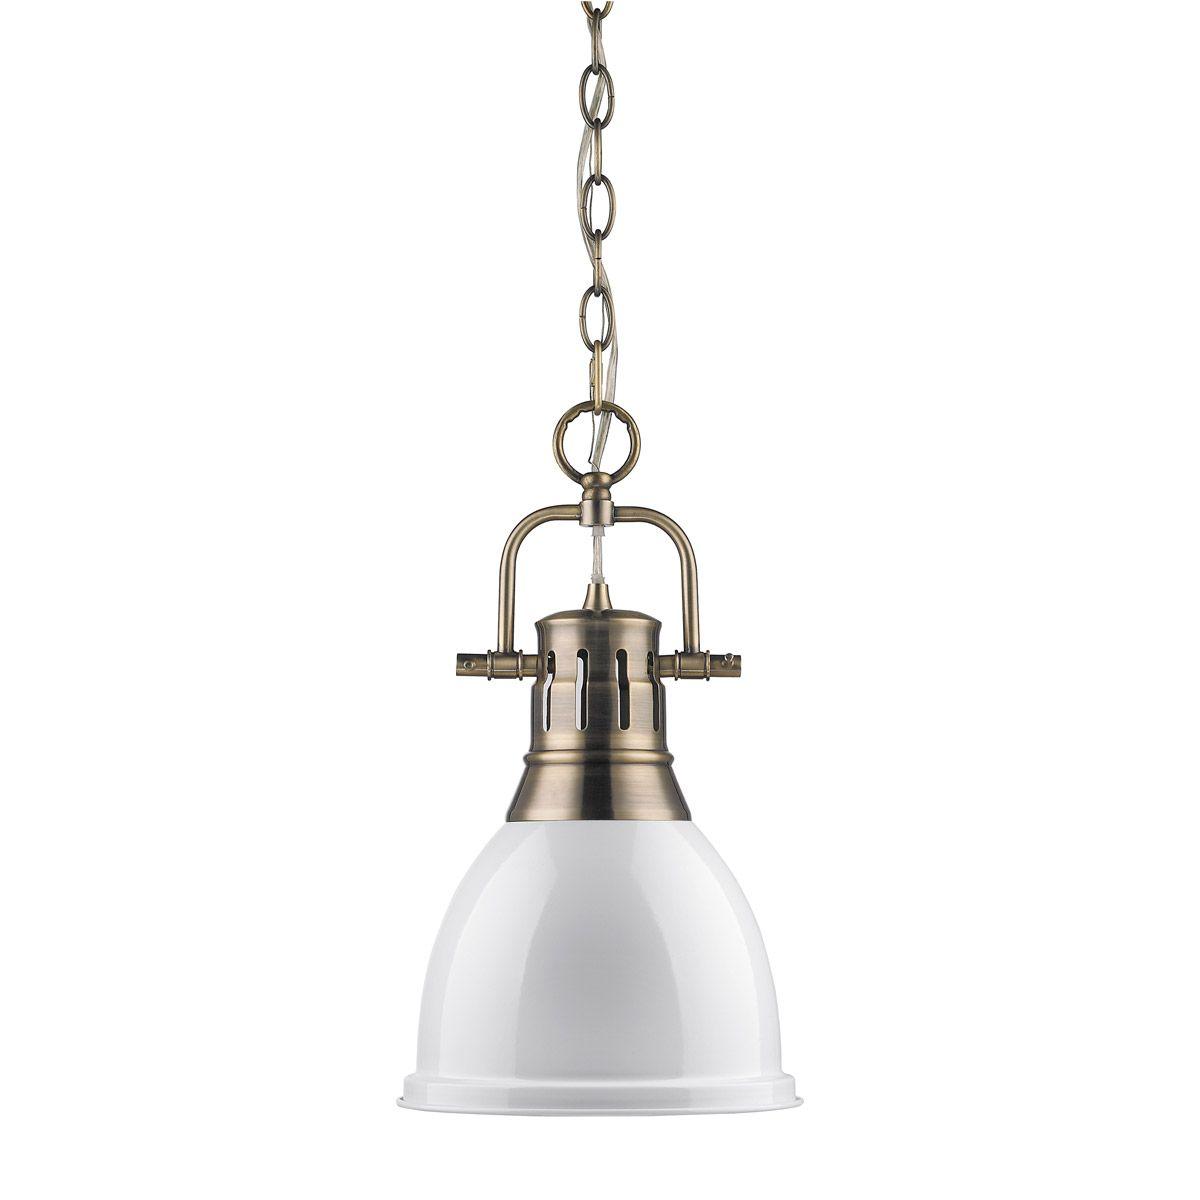 Golden Lighting 3602 S Ab Wh Duncan 1 Light 9 Inch Aged Br Mini Pendant Ceiling In White